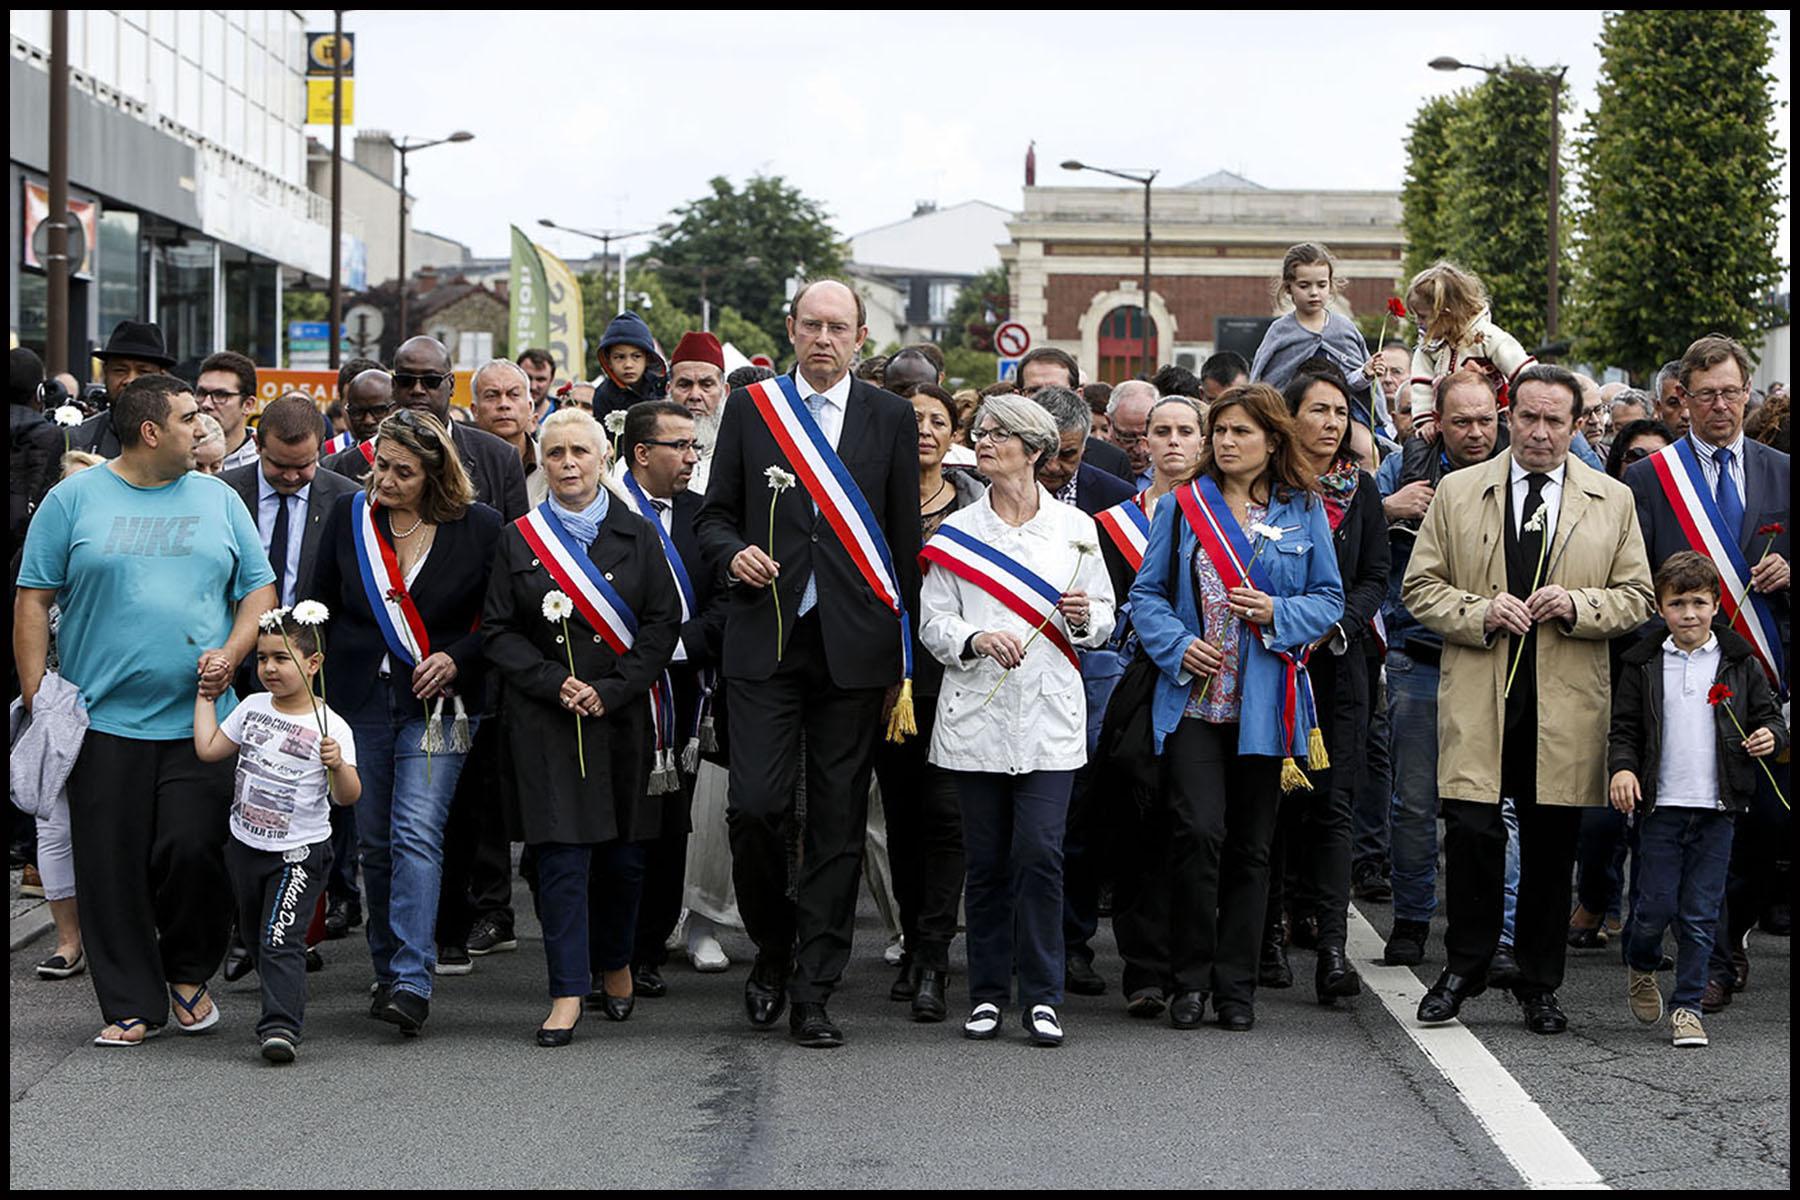 Marche organisée par la municipalité de Mantes-la-Jolie en hommage aux deux policiers Jean-Baptiste SALVAING et Jessica SCHNEIDER assassinés à leur domicile par Larossi ABALLA.